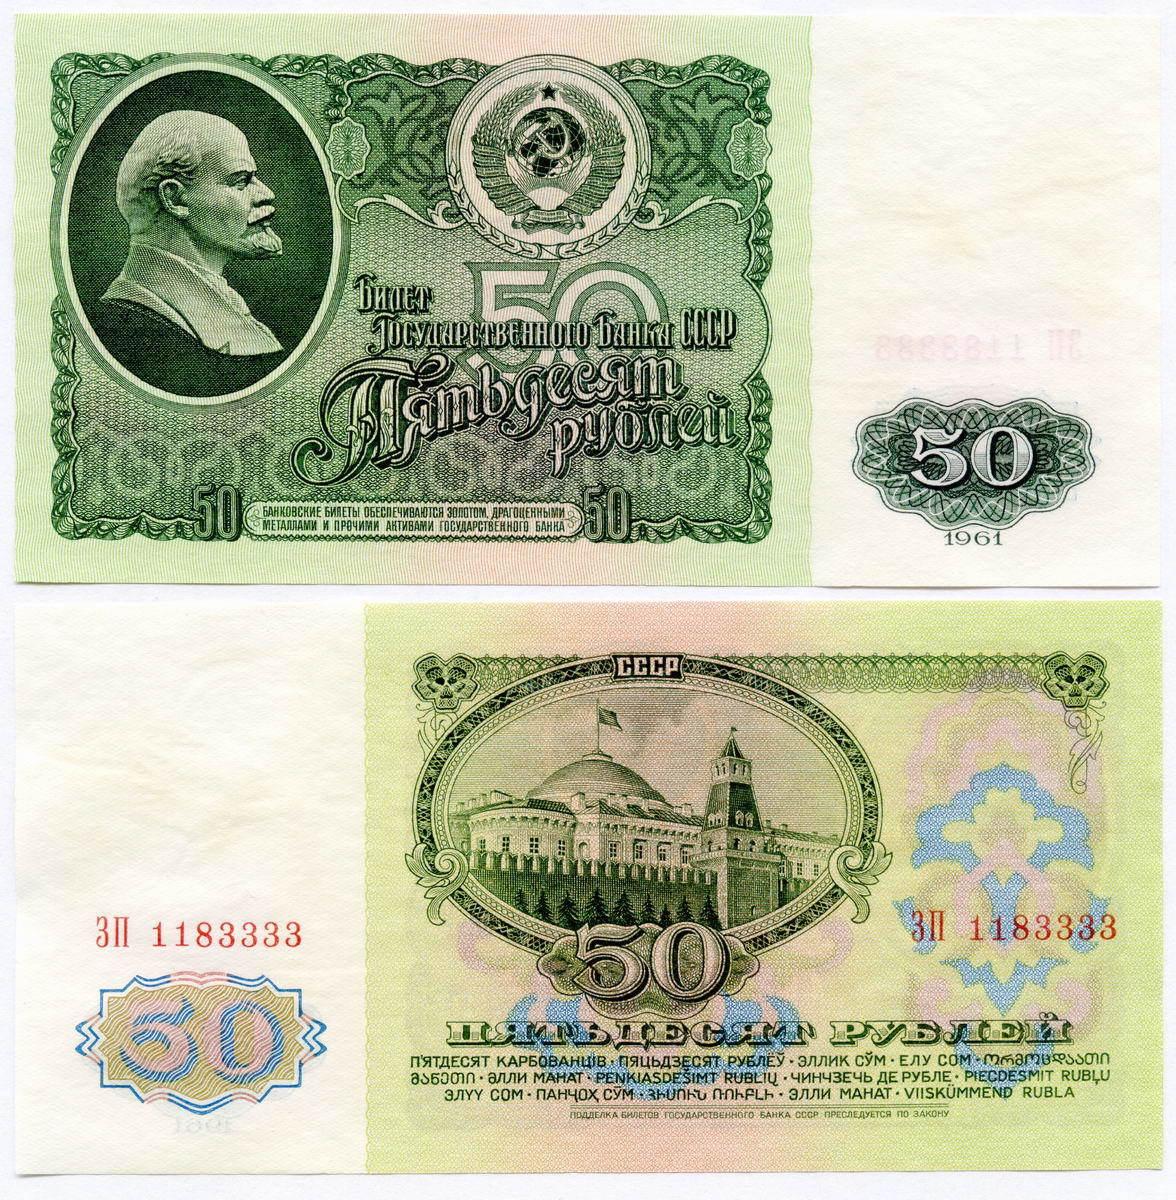 50 рублей 1961 (серия ЗП 1183333) XF-AU